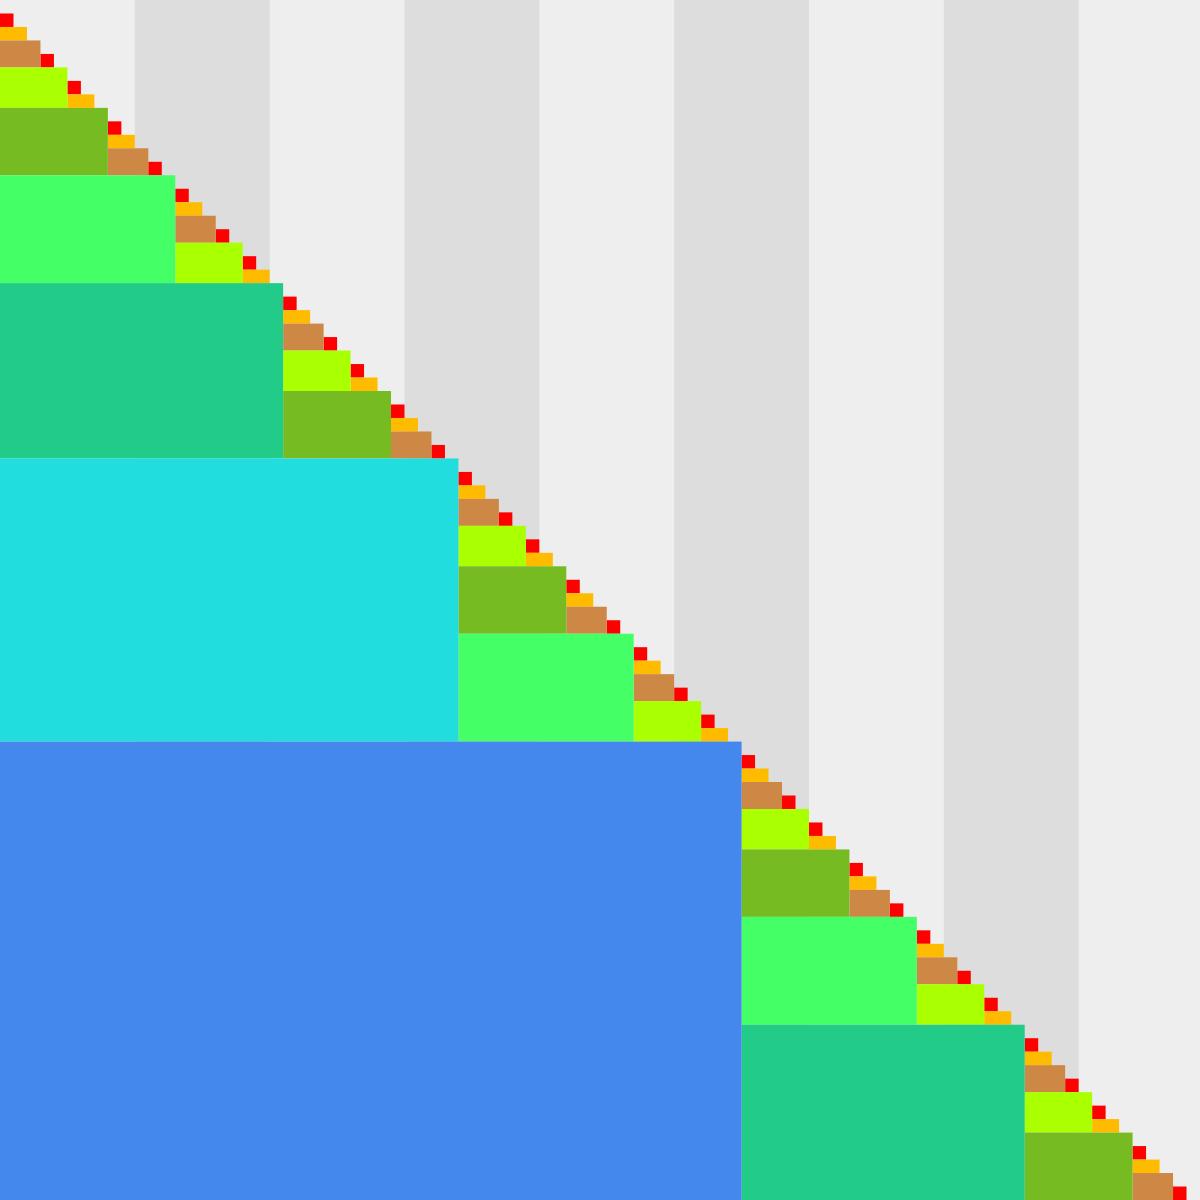 fibonacci vonalak a kereskedelemben)